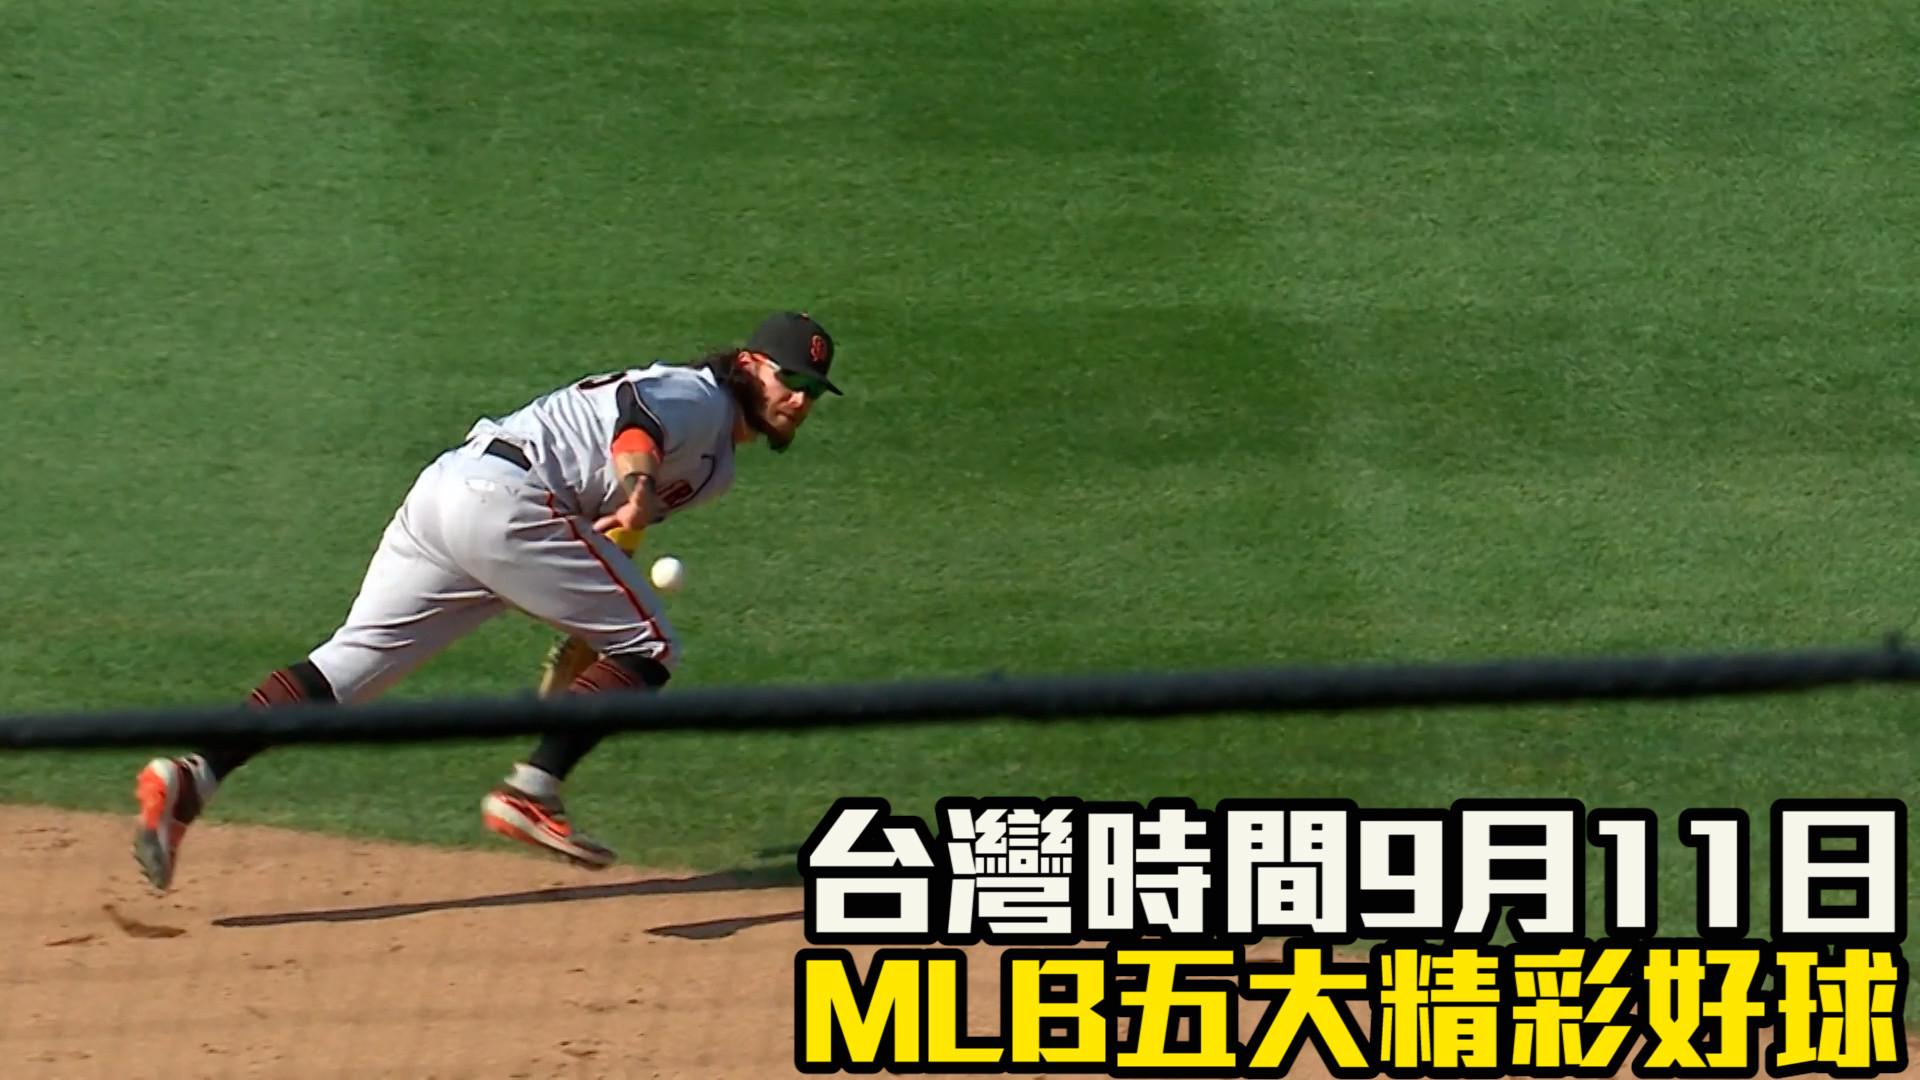 【MLB看愛爾達】台灣時間9月11日 大聯盟五大好球 09/11